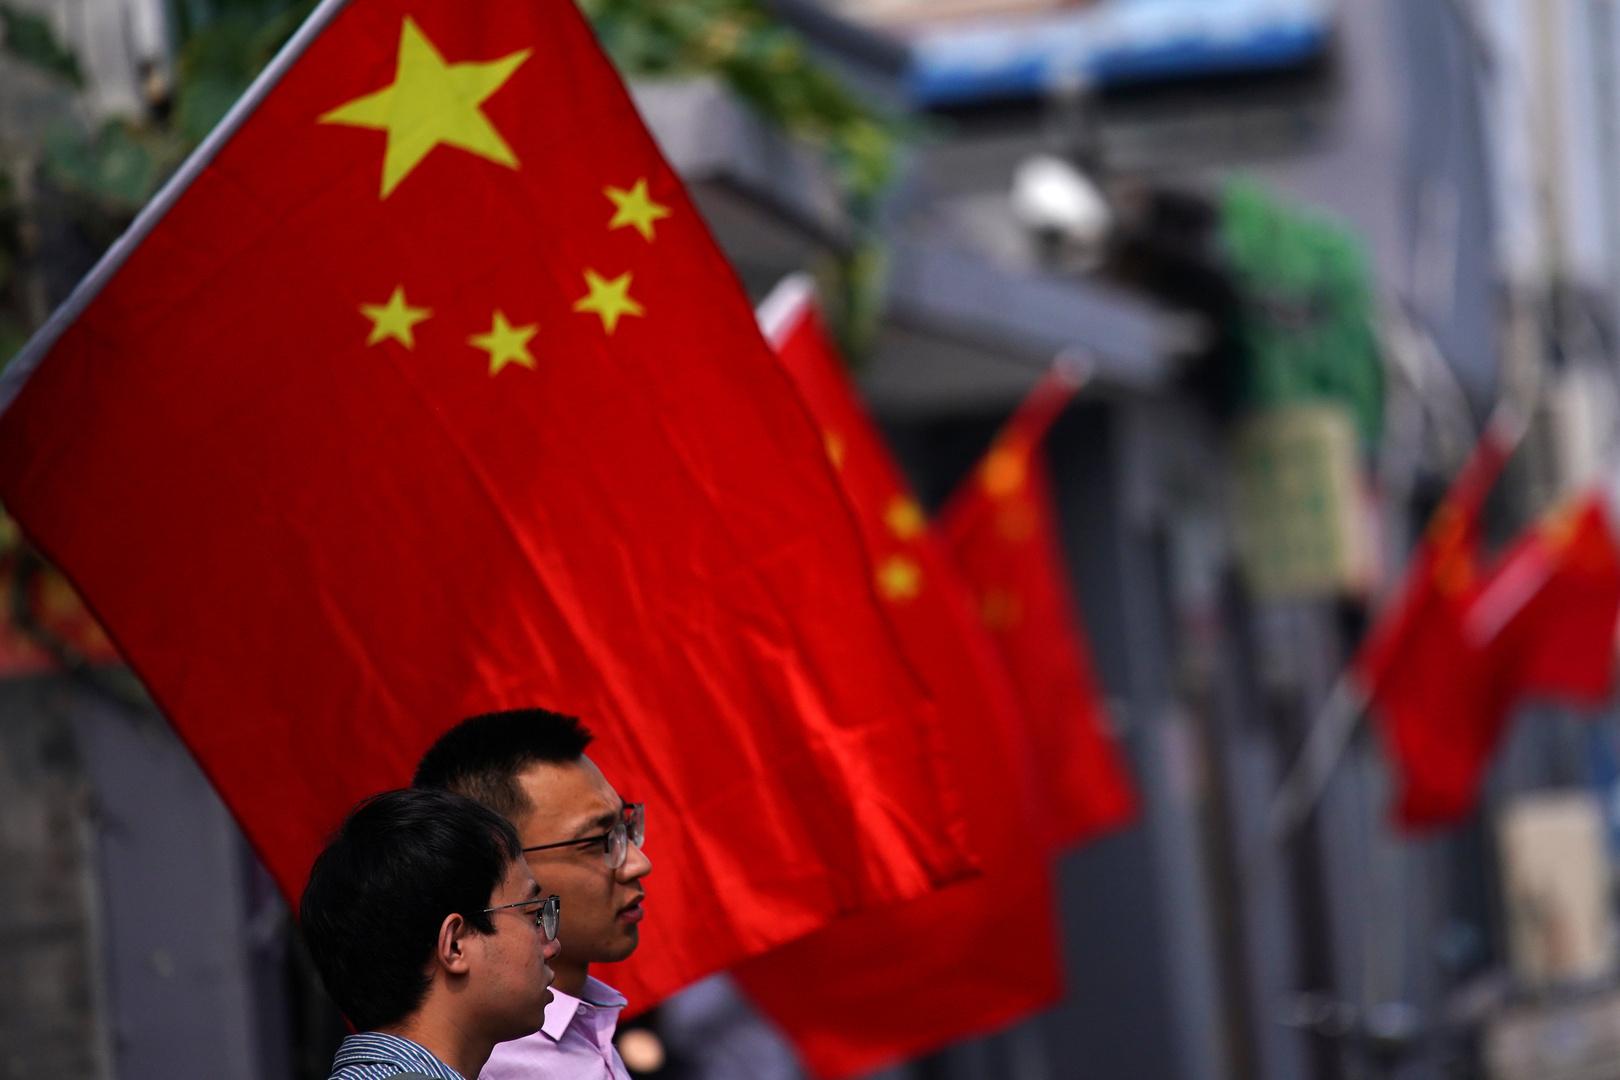 بكين تعلن عن  إجراءات جديدة لمواجهة القوانين والقيود